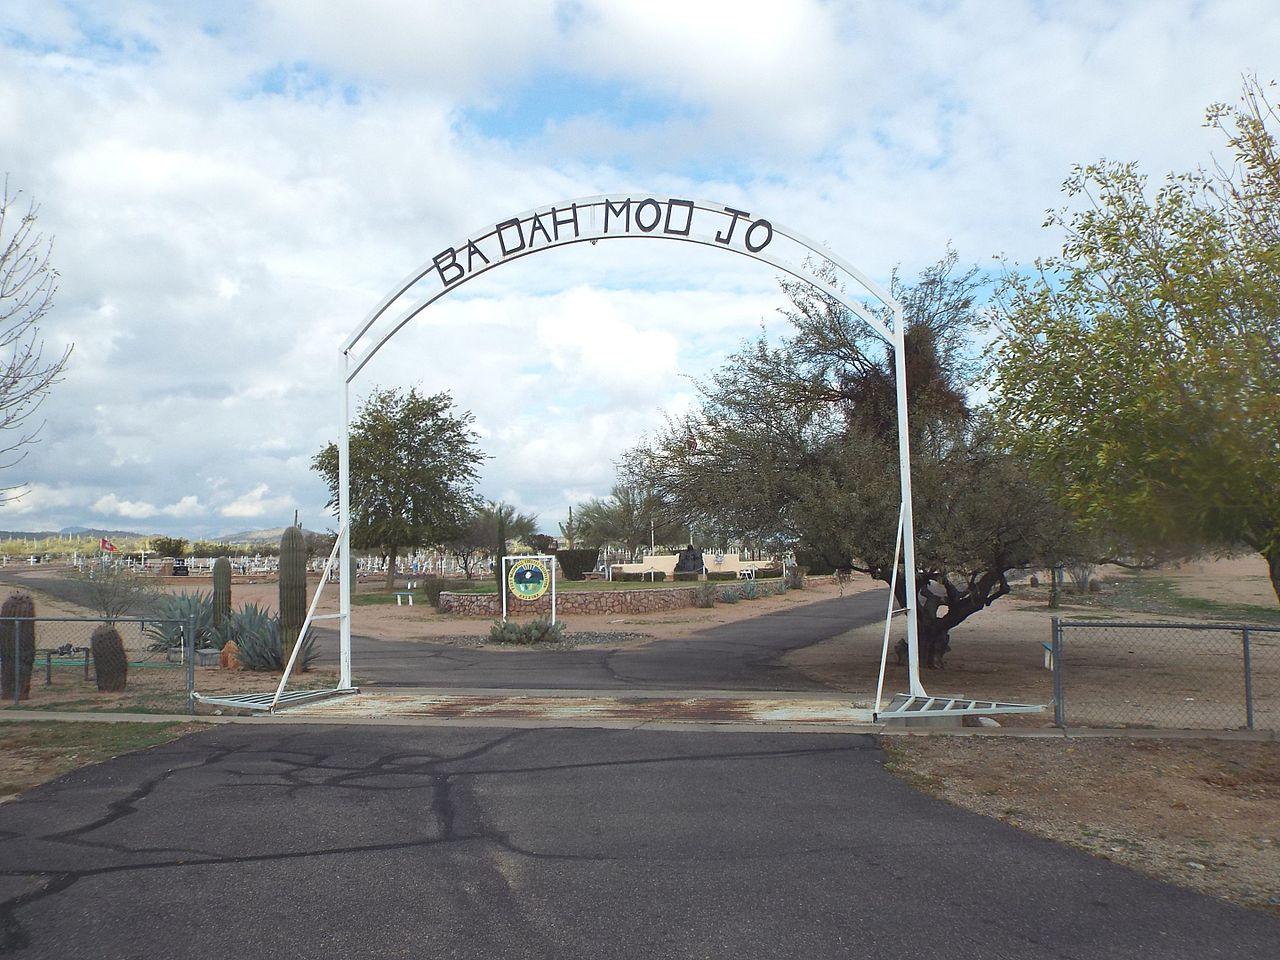 Best Weekend Getaways From Prescott, AZ